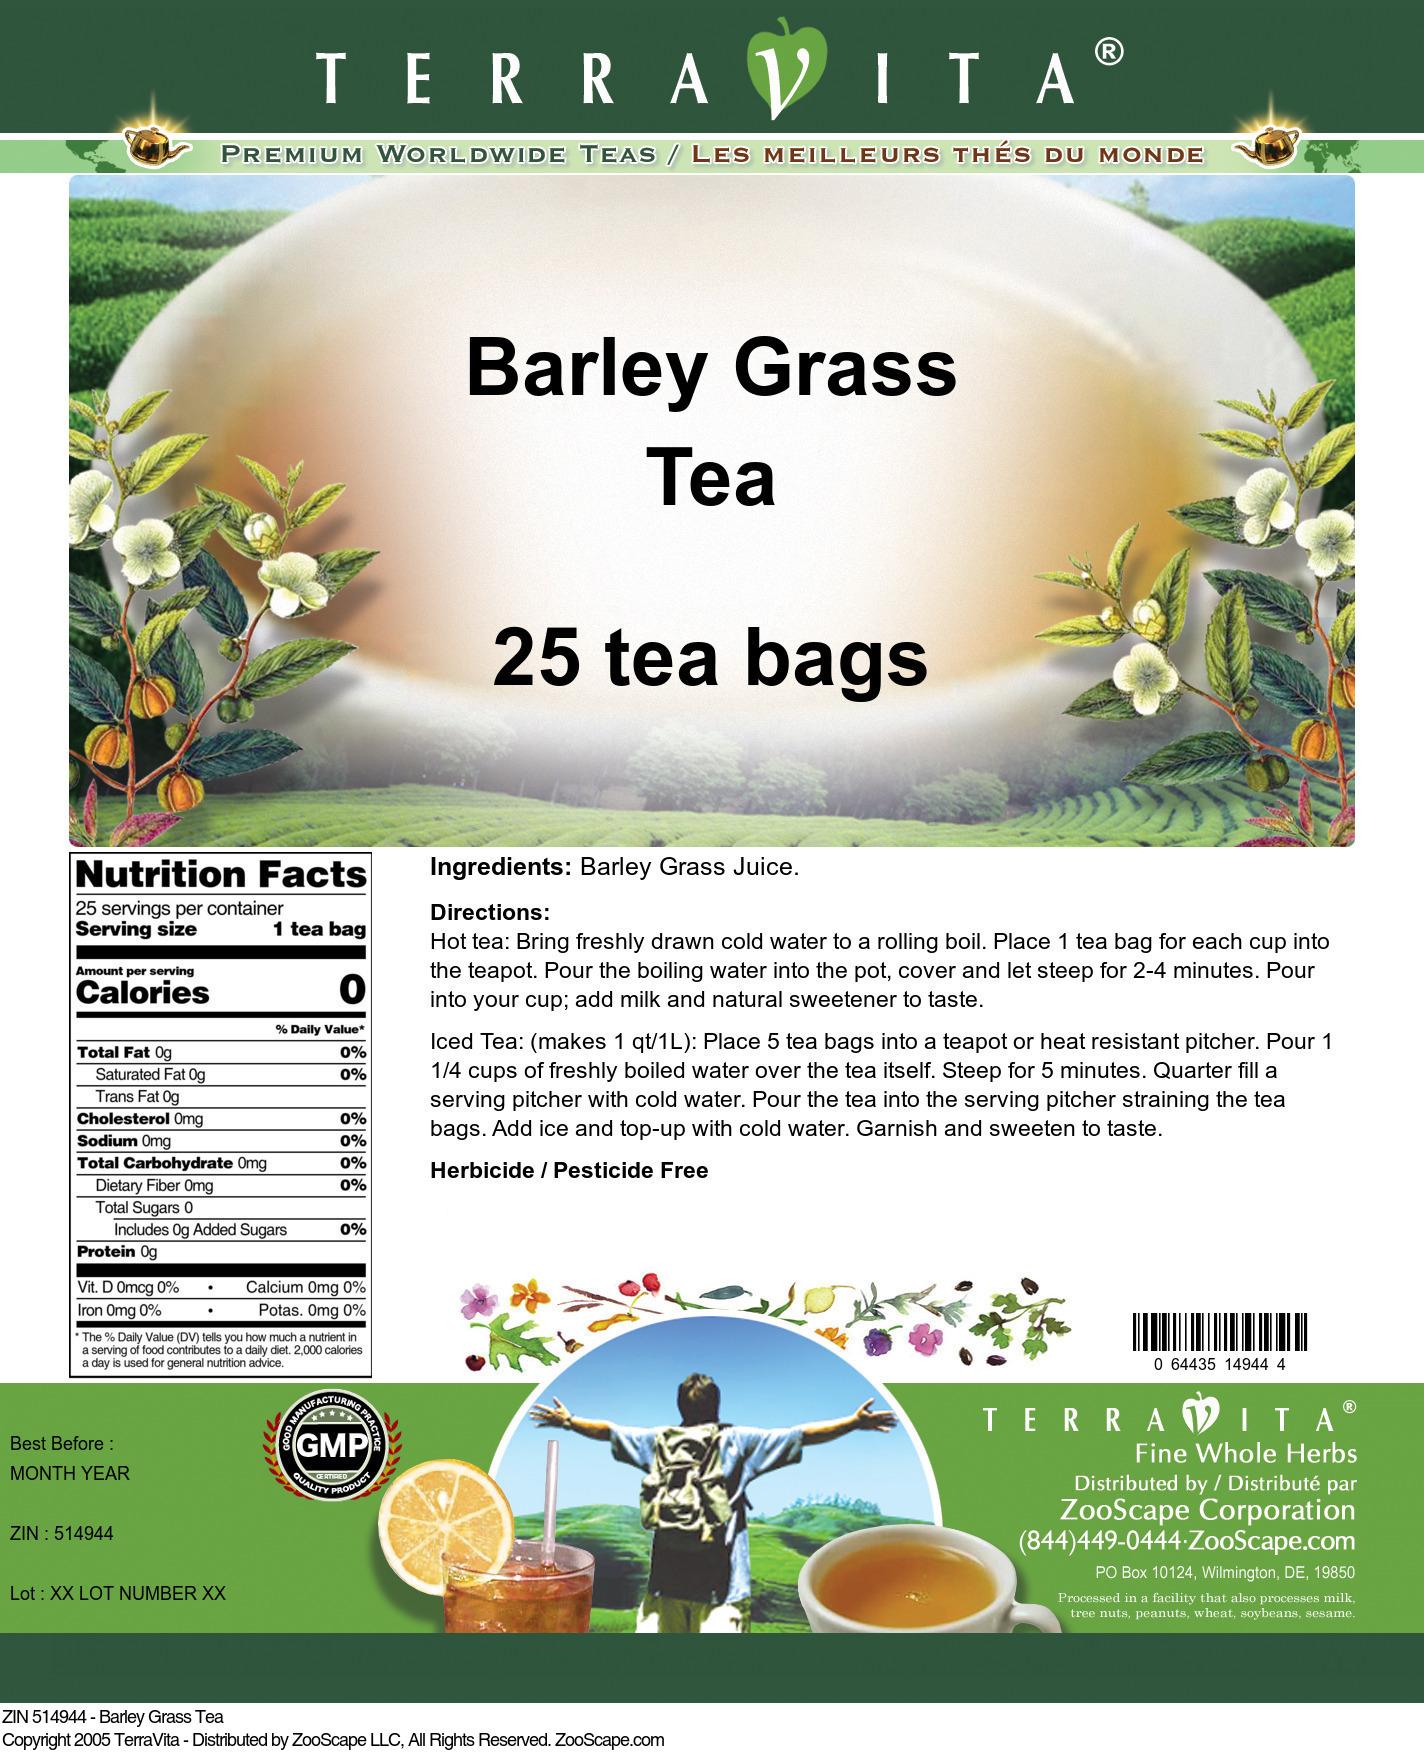 Barley Grass Tea